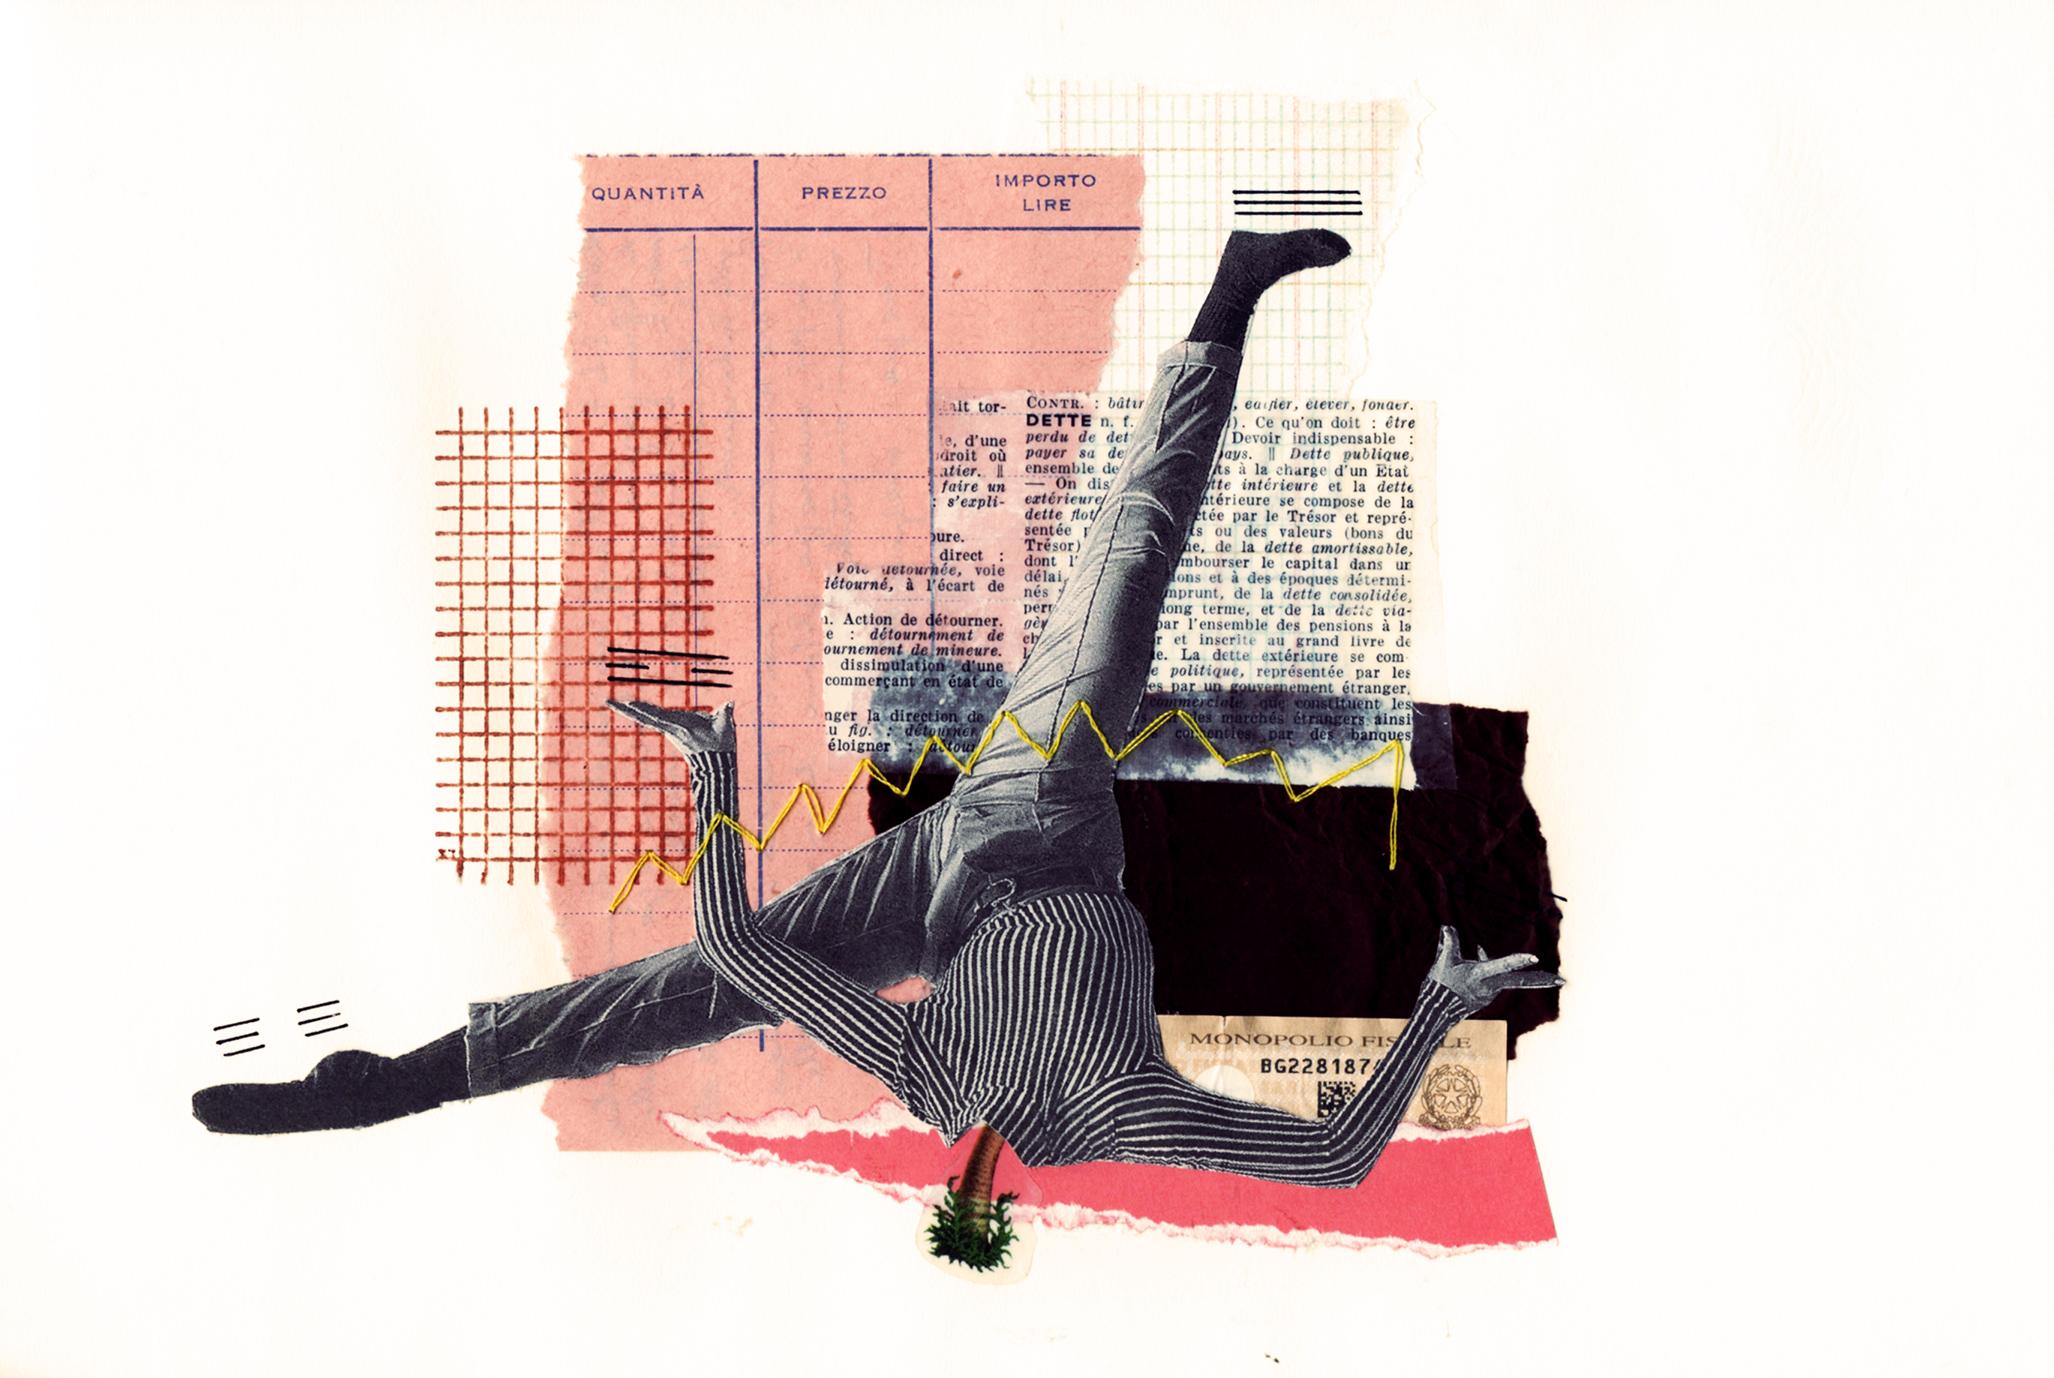 Vite a debito: la storia della tua energia quando sbagli investimento